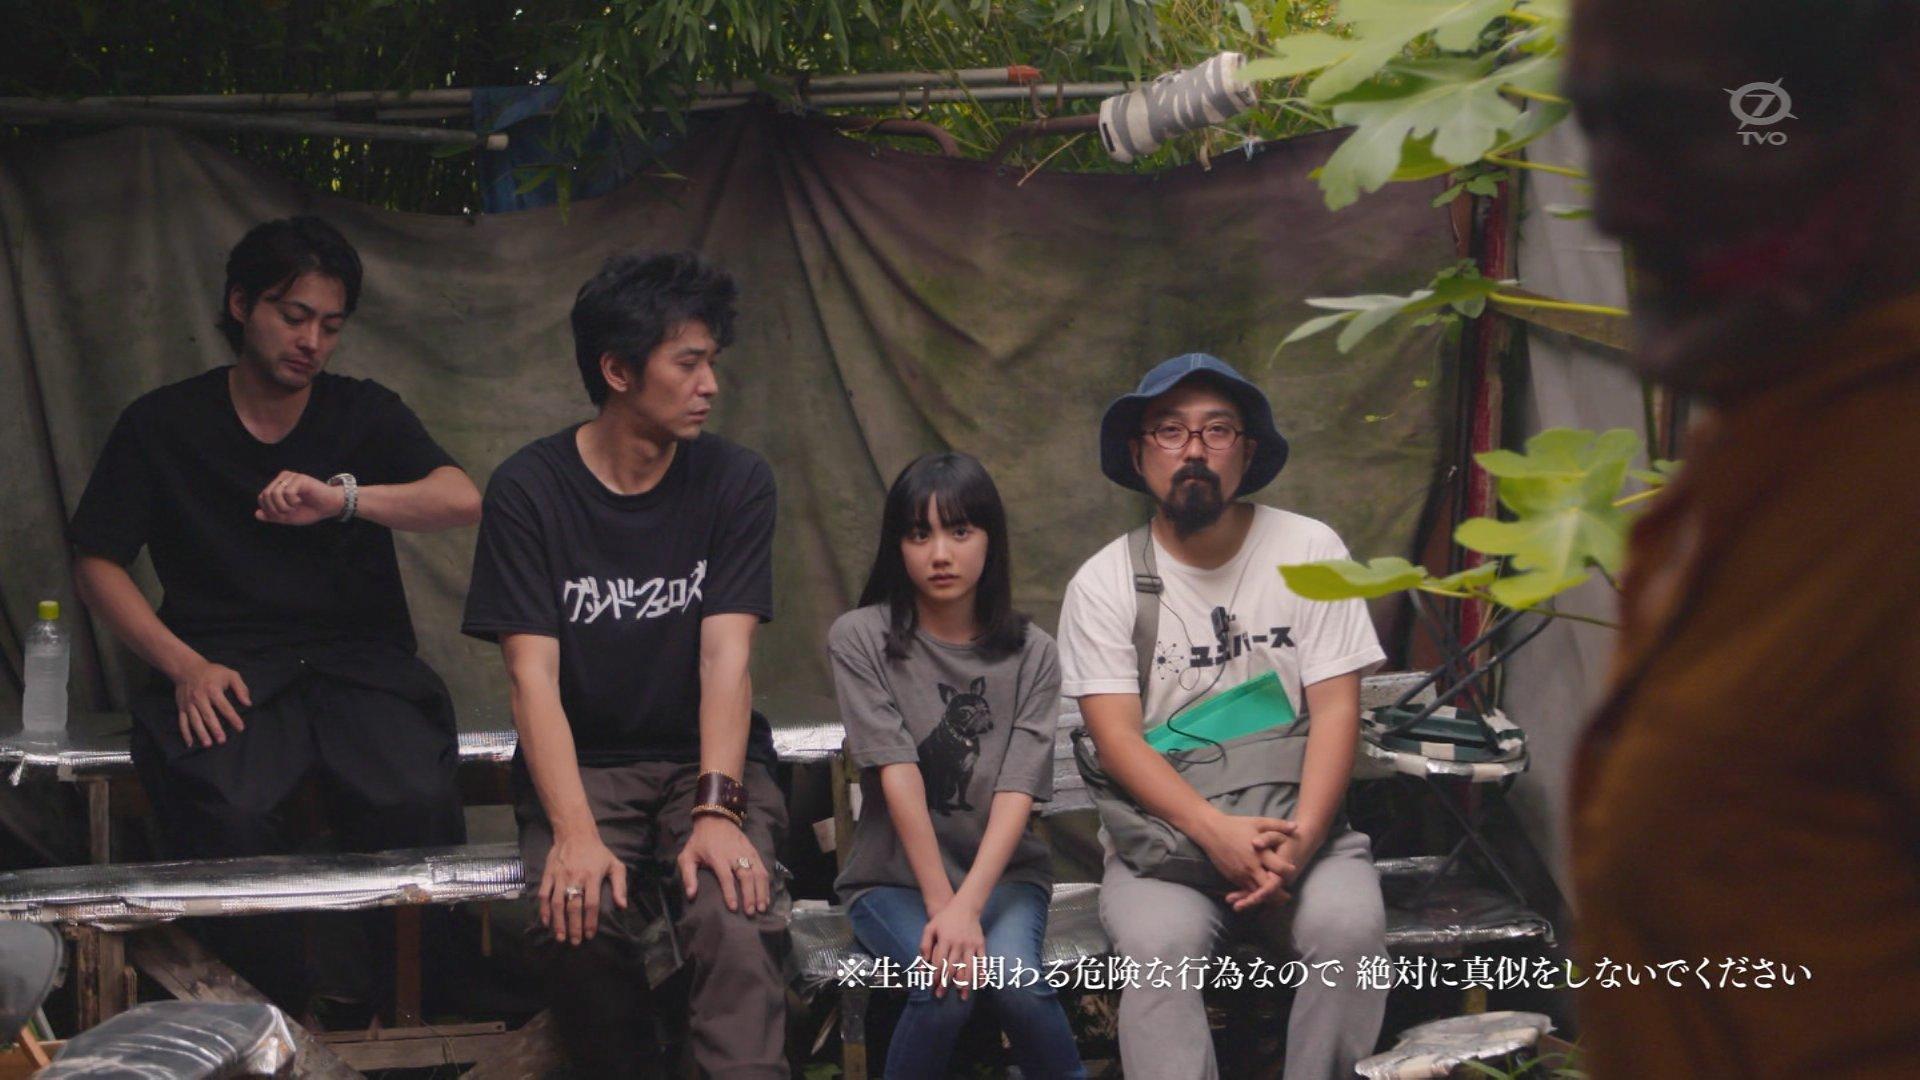 「山田孝之のカンヌ映画祭」でTシャツを着た山田孝之と芦田愛菜